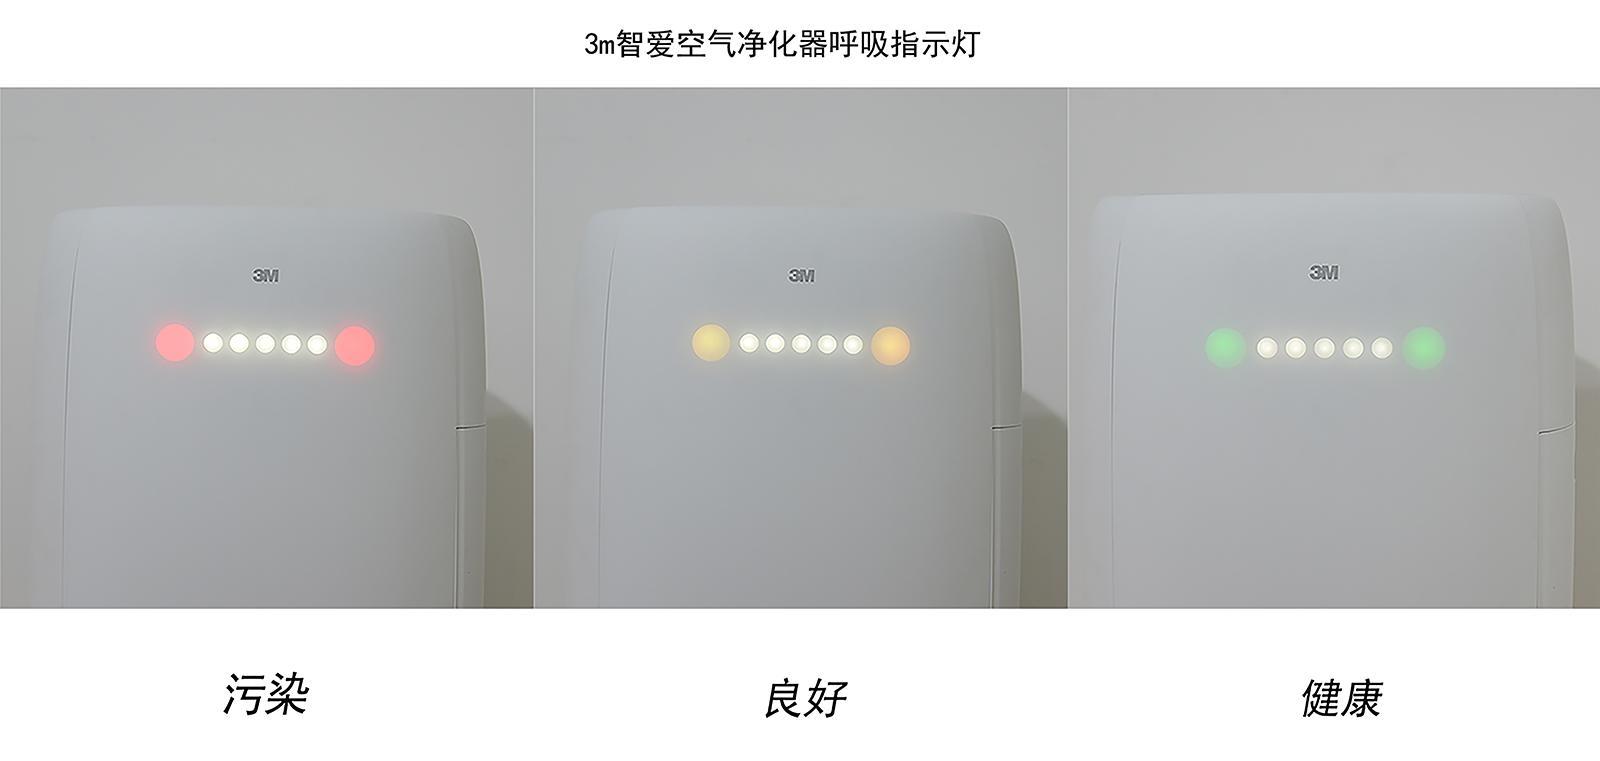 三个指示灯.jpg